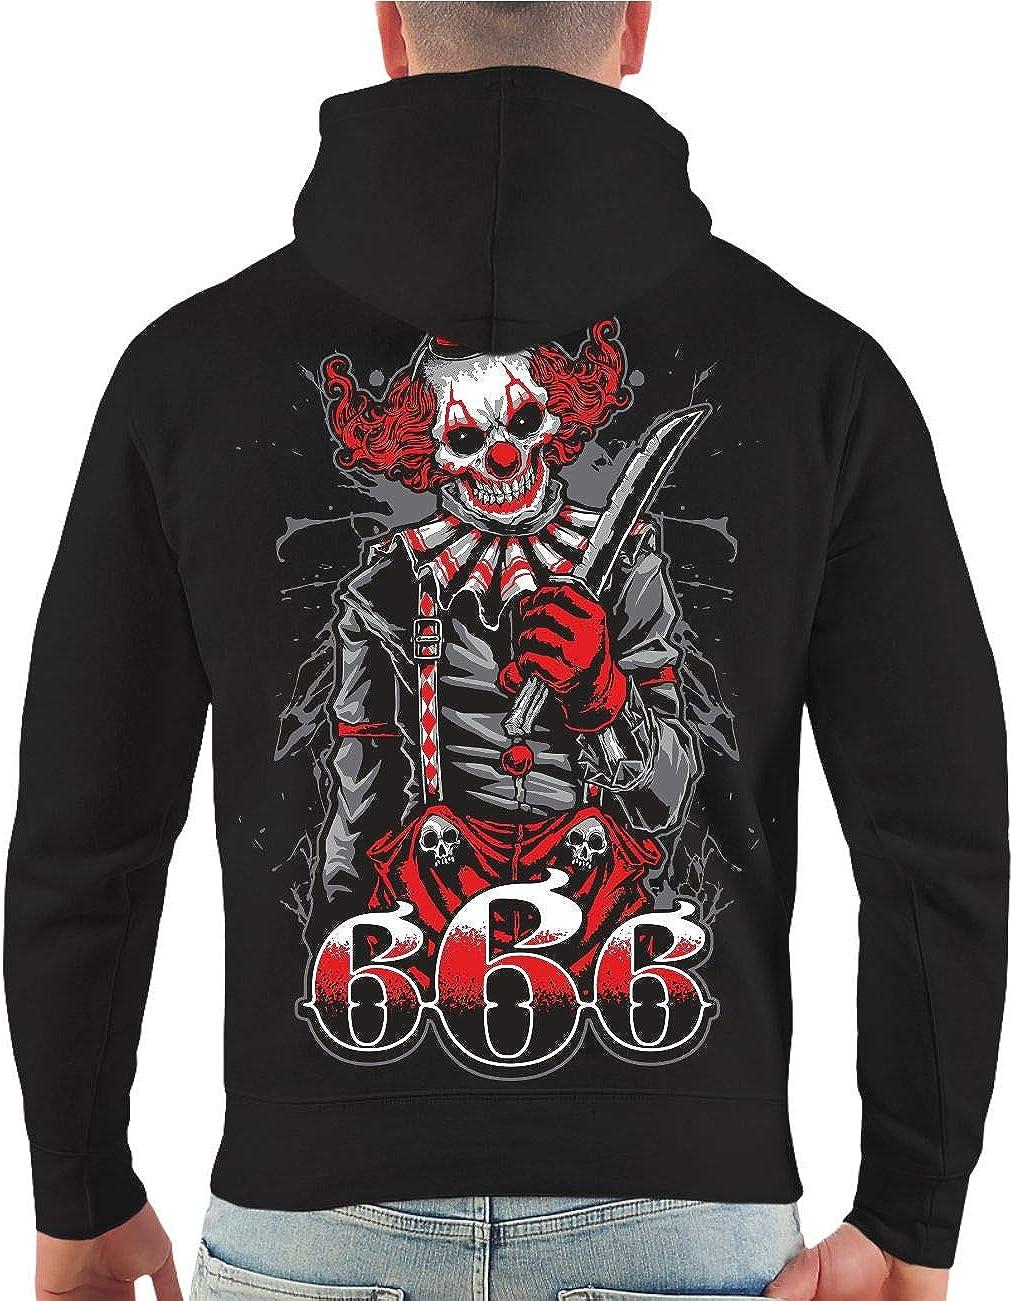 Life Is Pain Männer und Herren Kapuzenpullover Fuck The World 666 (mit Rückendruck) Größe S - 4XL Schwarz/Rote Kapuze